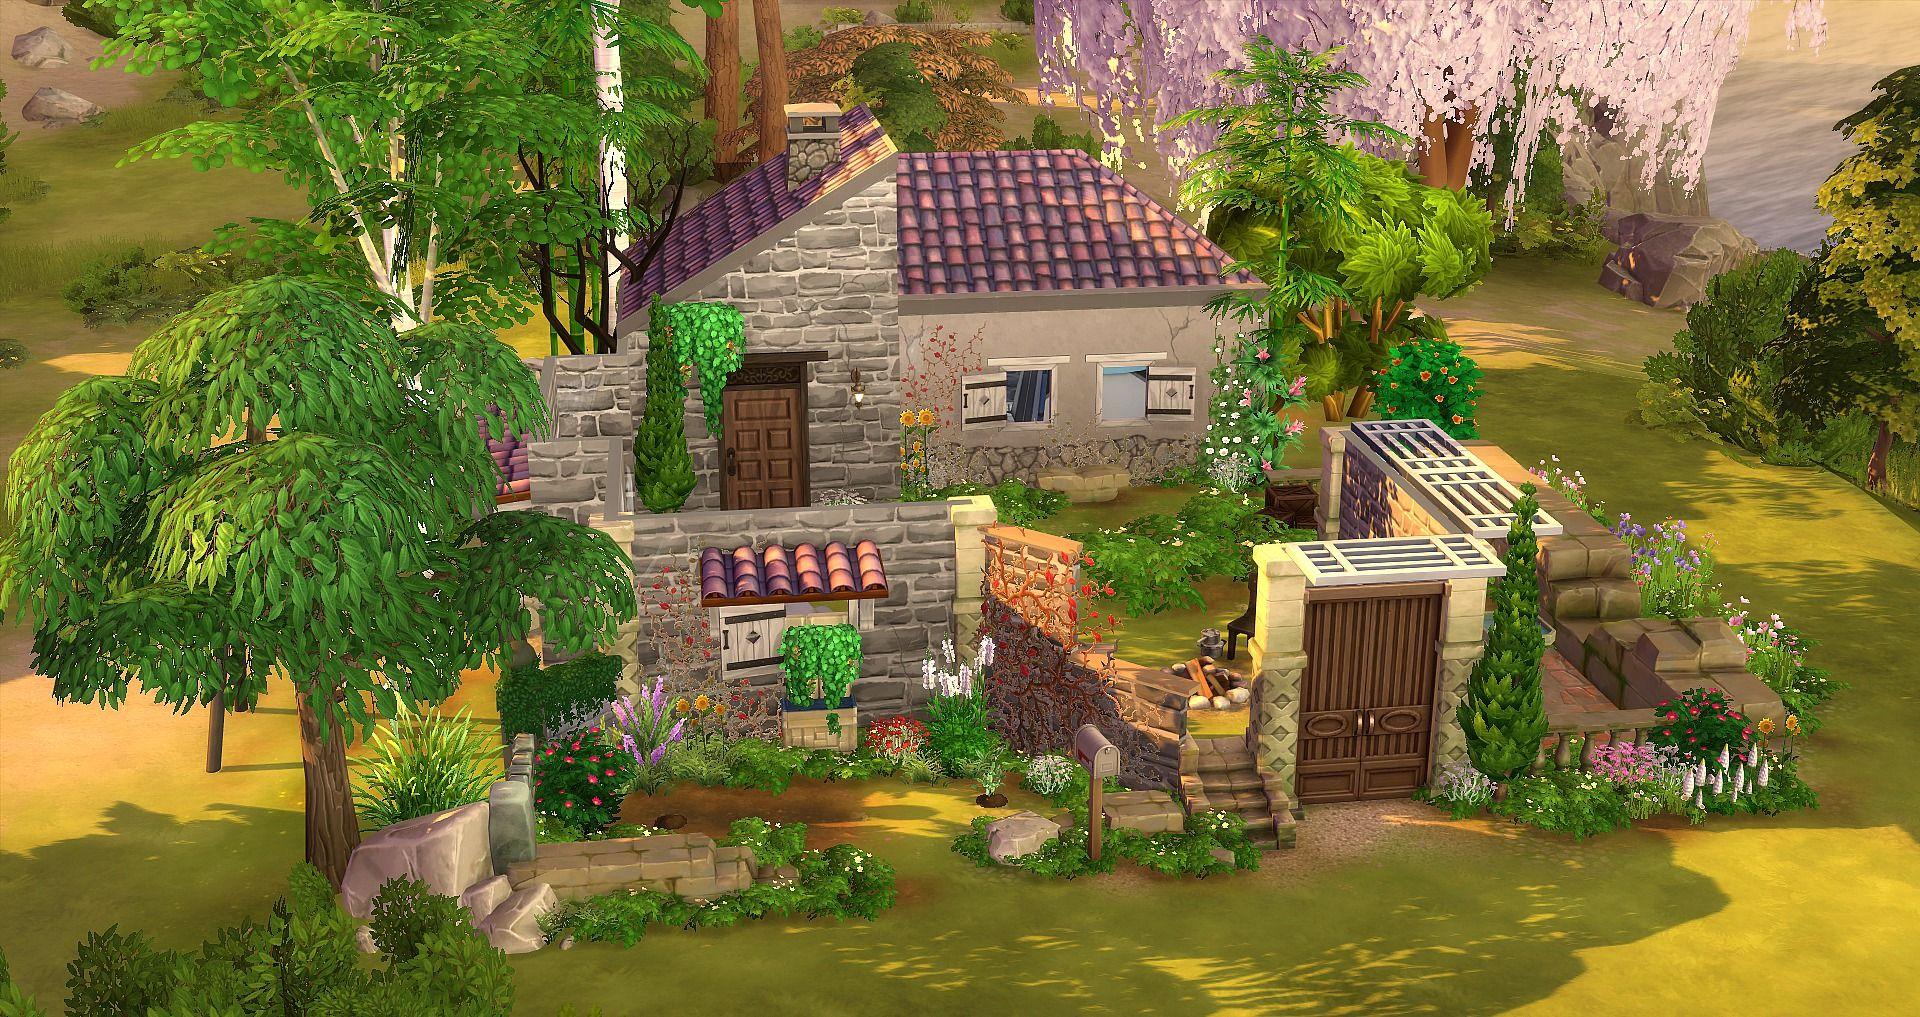 Maison En Ruine Dessin la ruine | maison sims, sims 4 maison